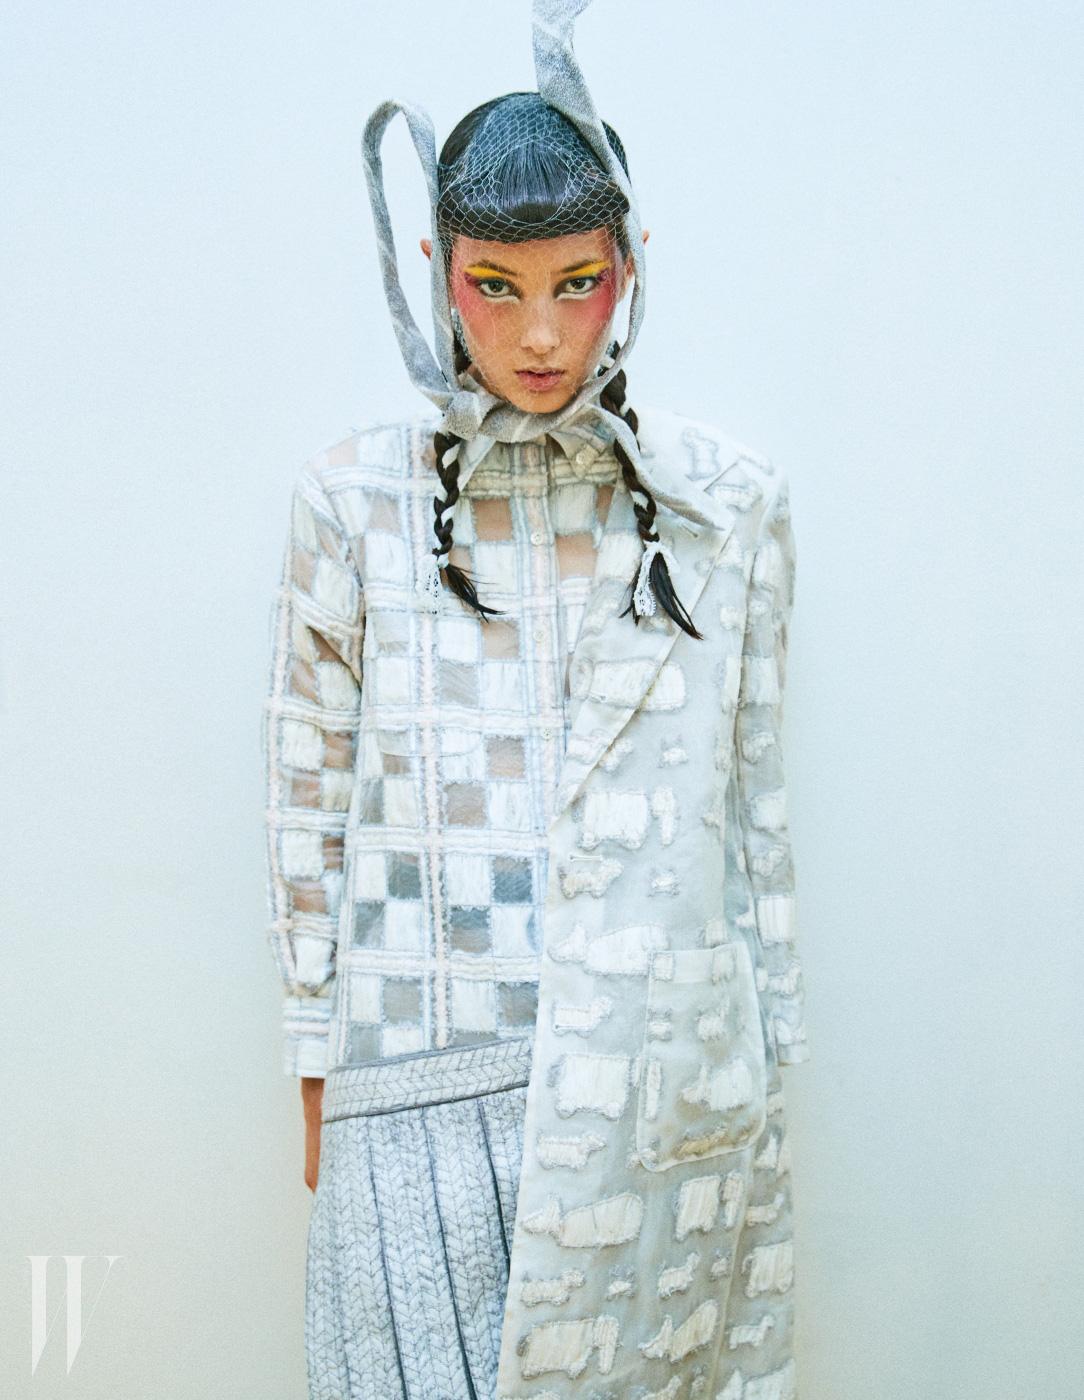 격자무늬 오간자 셔츠와 테일러드 코트, 주름 스커트가 한꺼번에 붙어 있는 듯한 독특한 디자인의 원피스 드레스, 넥타이를 변형해서 만든 헤드피스는 모두 Thom Browne 제품